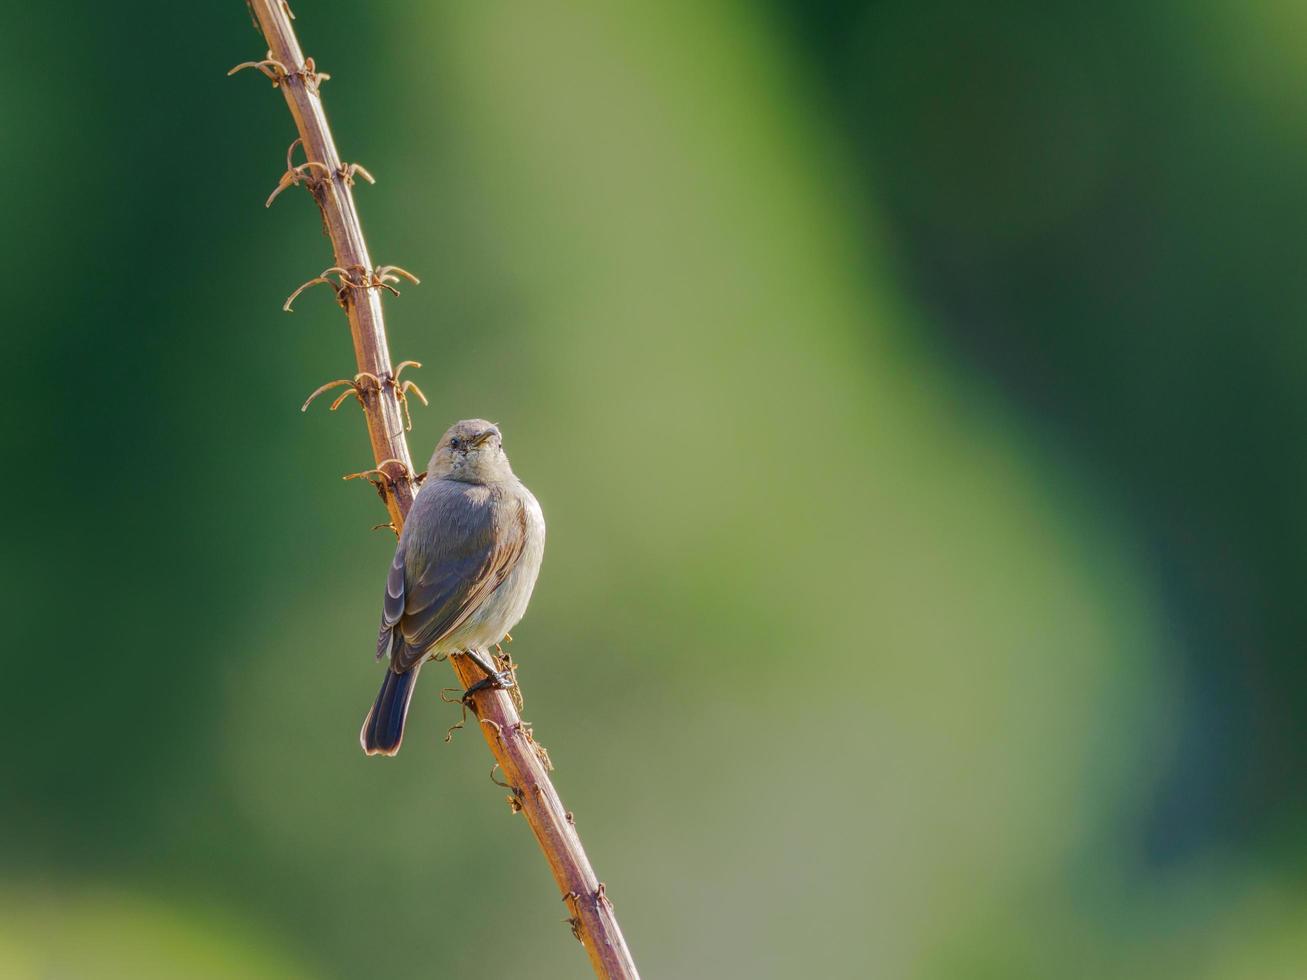 oiseau gris perché sur une branche photo